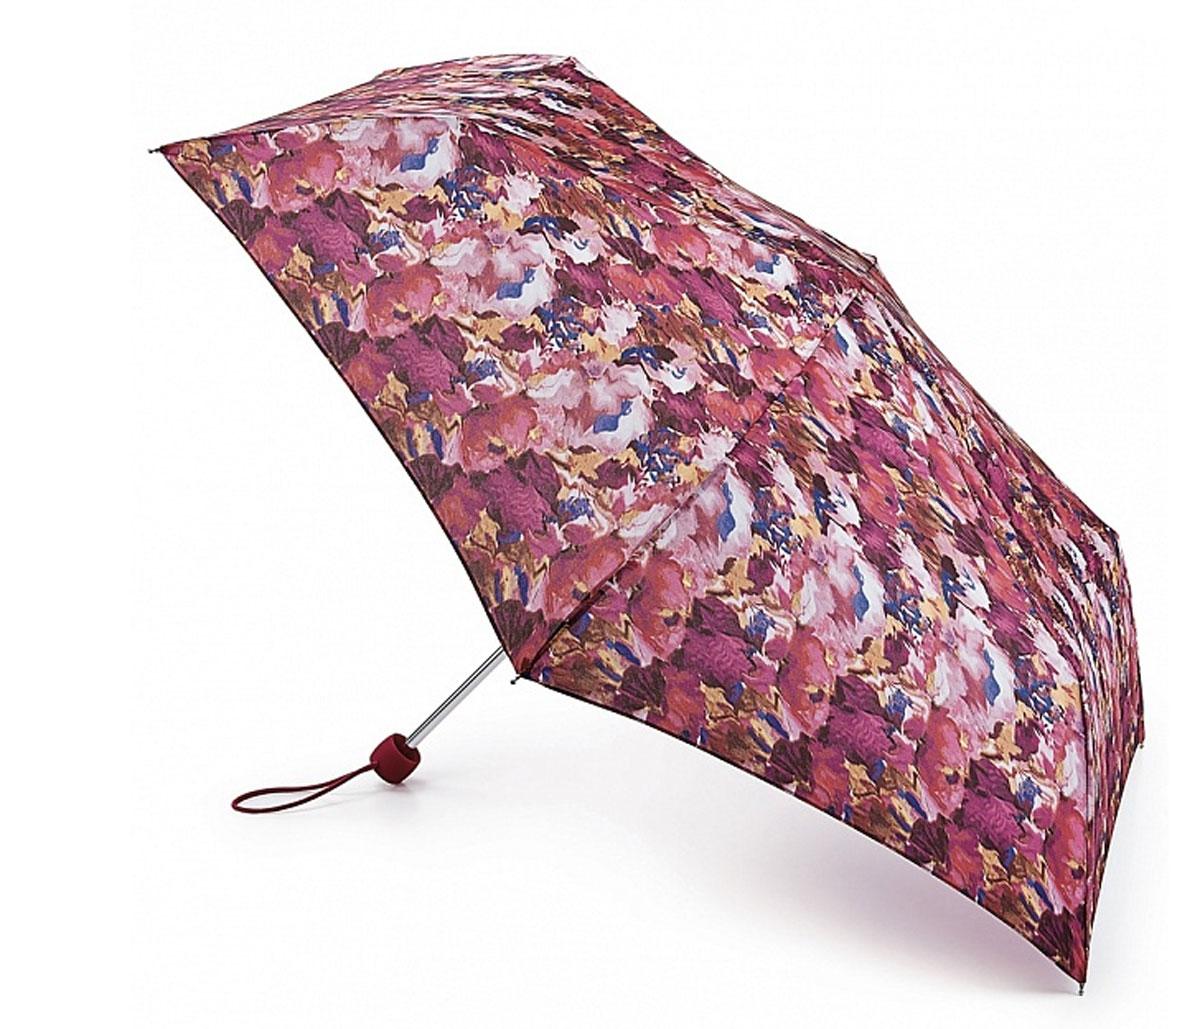 Зонт женский Fulton Superslim, механический, 3 сложения, цвет: мультиколор. L553-2934L553-2934 BlurredFloralPinkСтильный механический зонт Fulton Superslim в 3 сложения даже в ненастную погоду позволит вам оставаться элегантной. Облегченный каркас зонта выполнен из 6 спиц из фибергласса и алюминия, стержень также изготовлен из алюминия, удобная рукоятка - из пластика. Купол зонта выполнен из прочного полиэстера. В закрытом виде застегивается хлястиком на липучке. Яркий оригинальный принт поднимет настроение в дождливый день. Зонт механического сложения: купол открывается и закрывается вручную до характерного щелчка. На рукоятке для удобства есть небольшой шнурок, позволяющий надеть зонт на руку тогда, когда это будет необходимо. К зонту прилагается чехол, который застегивается на липучку. Чехол оформлен металлическим элементом с названием бренда. Такой зонт компактно располагается в кармане, сумочке, дверке автомобиля.